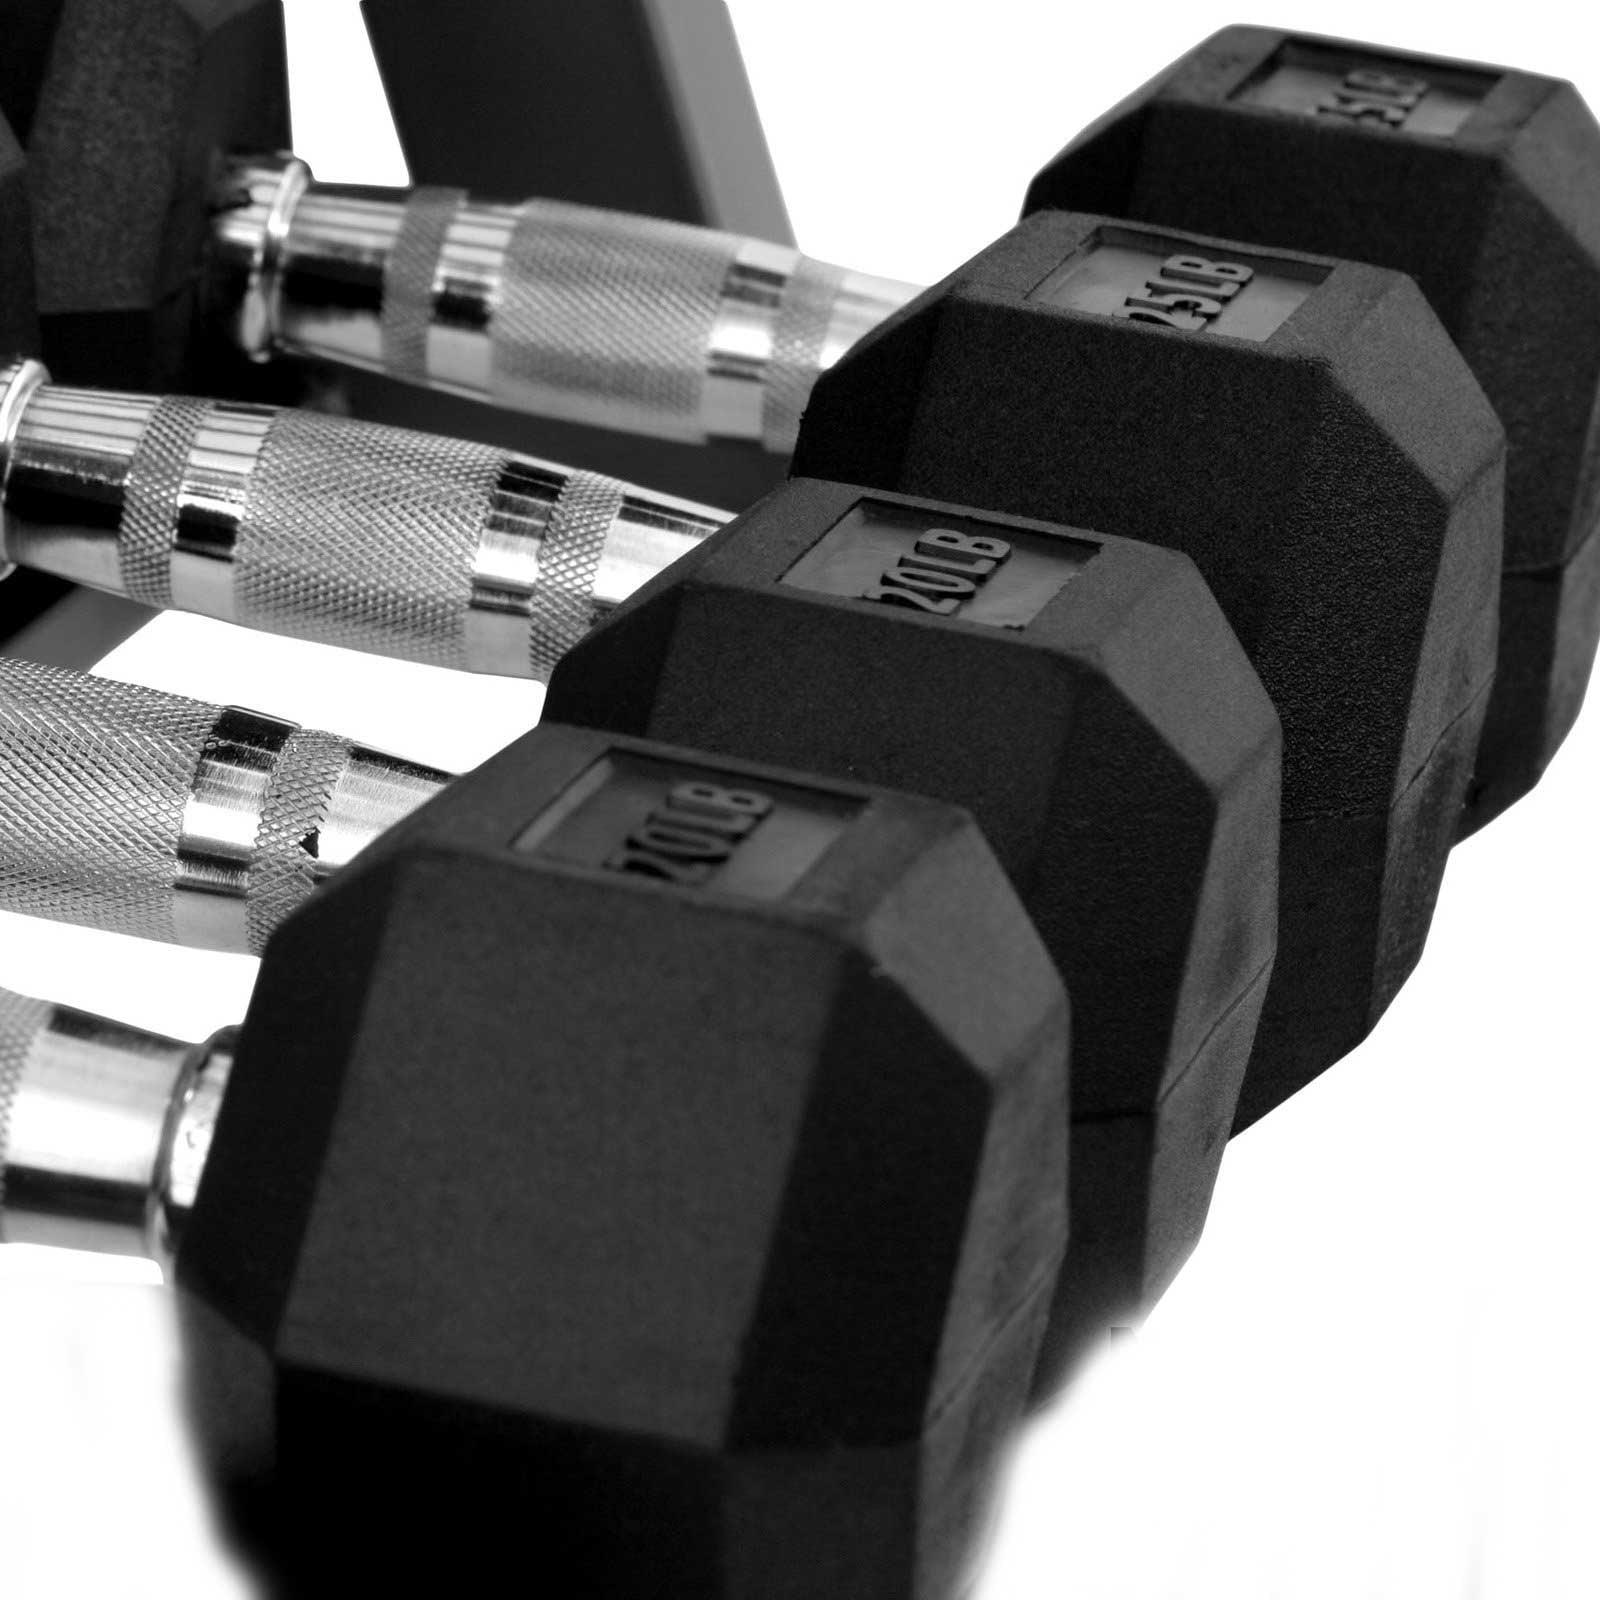 XMark Fitness Rubber Hex Dumbbell Set 5 lb - 25 lb